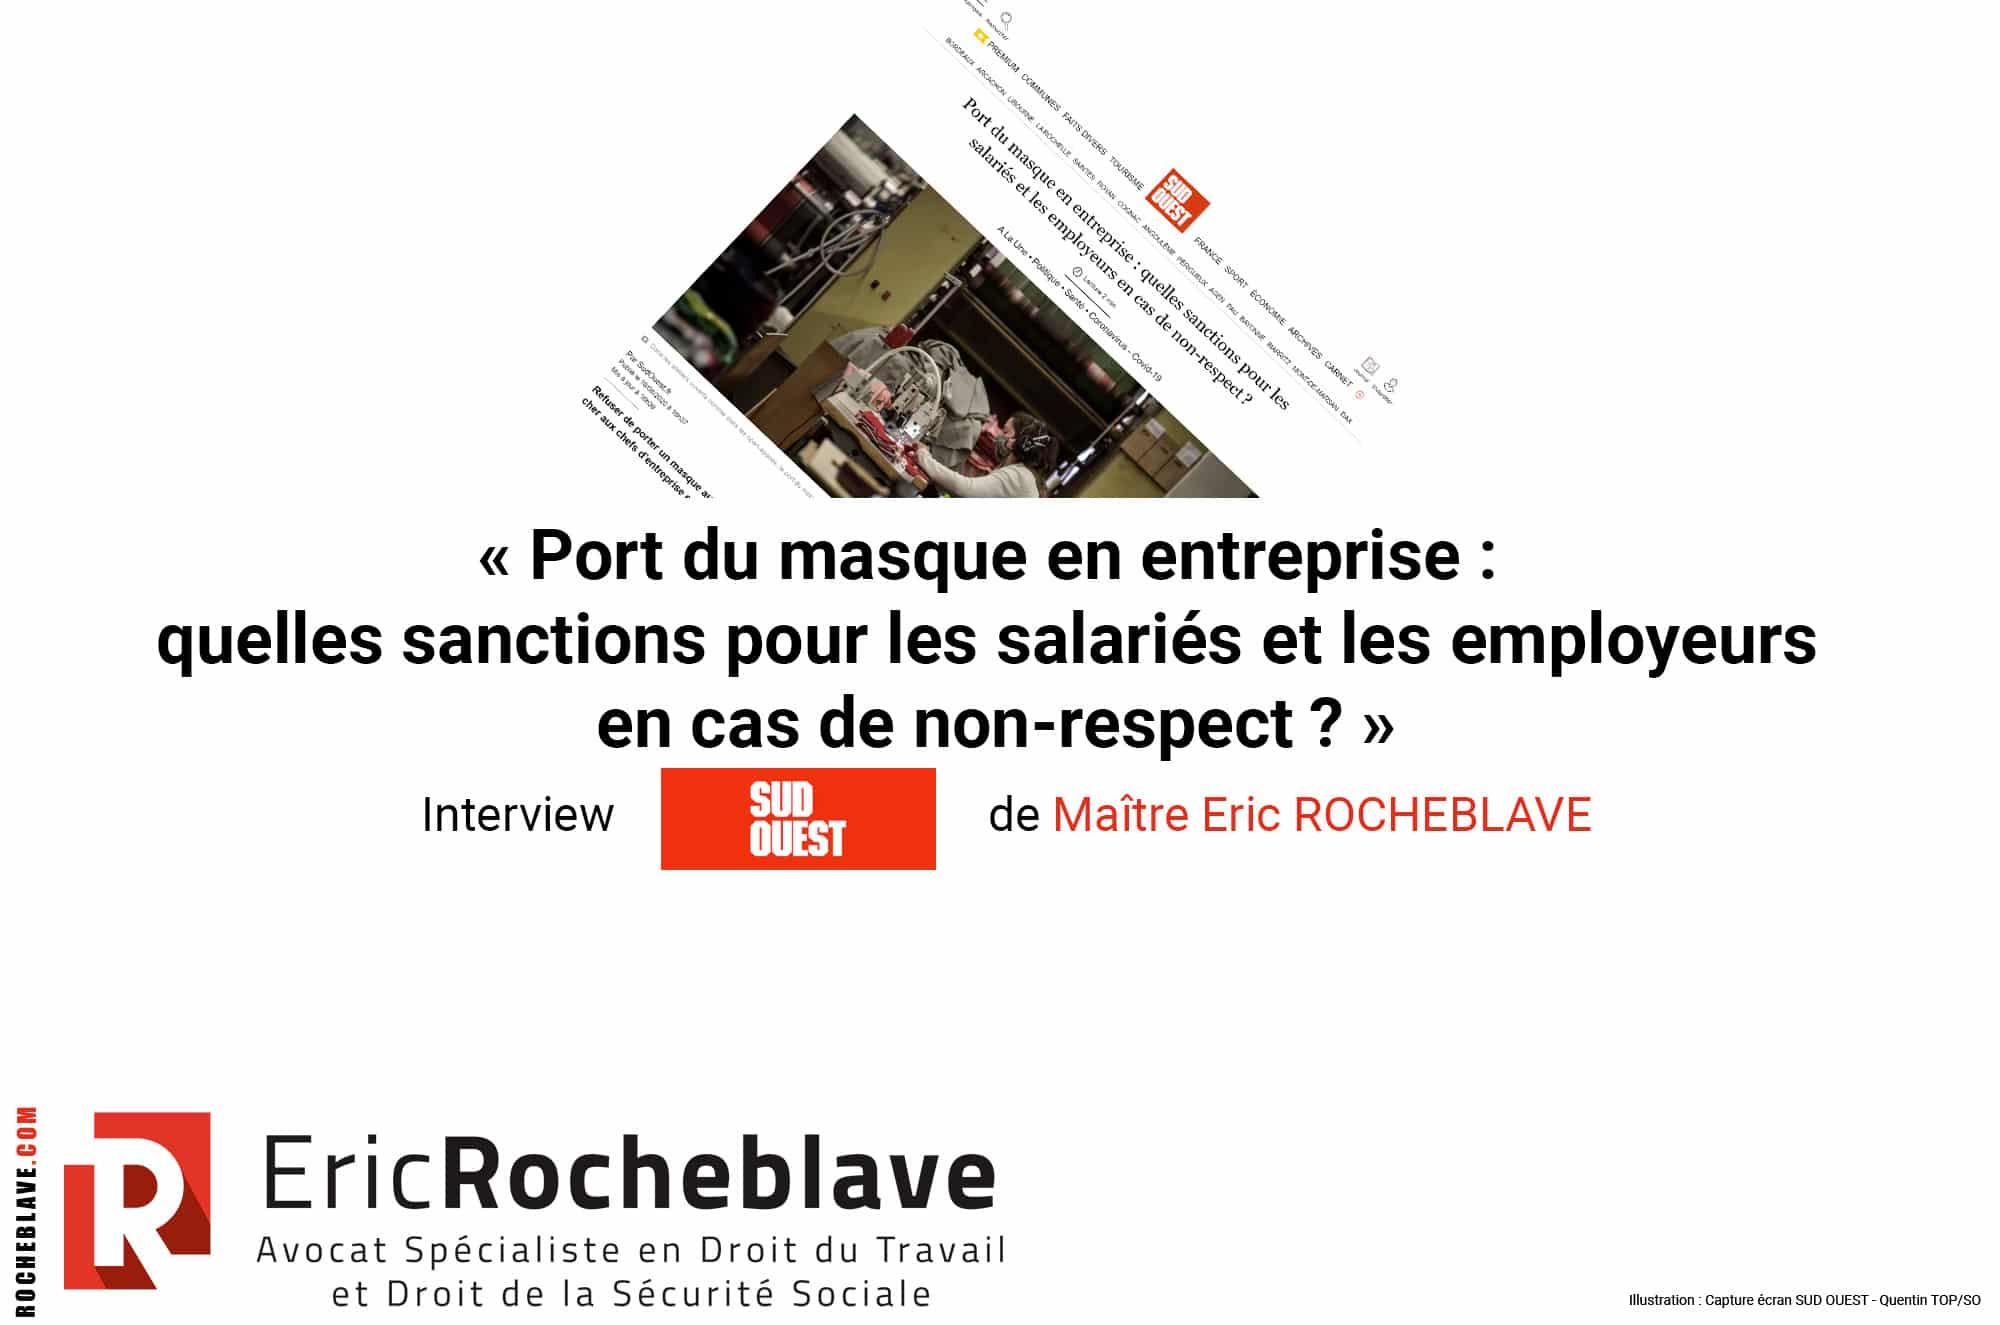 « Port du masque en entreprise : quelles sanctions pour les salariés et les employeurs en cas de non-respect ? » Interview Sud Ouest de Maître Eric ROCHEBLAVE